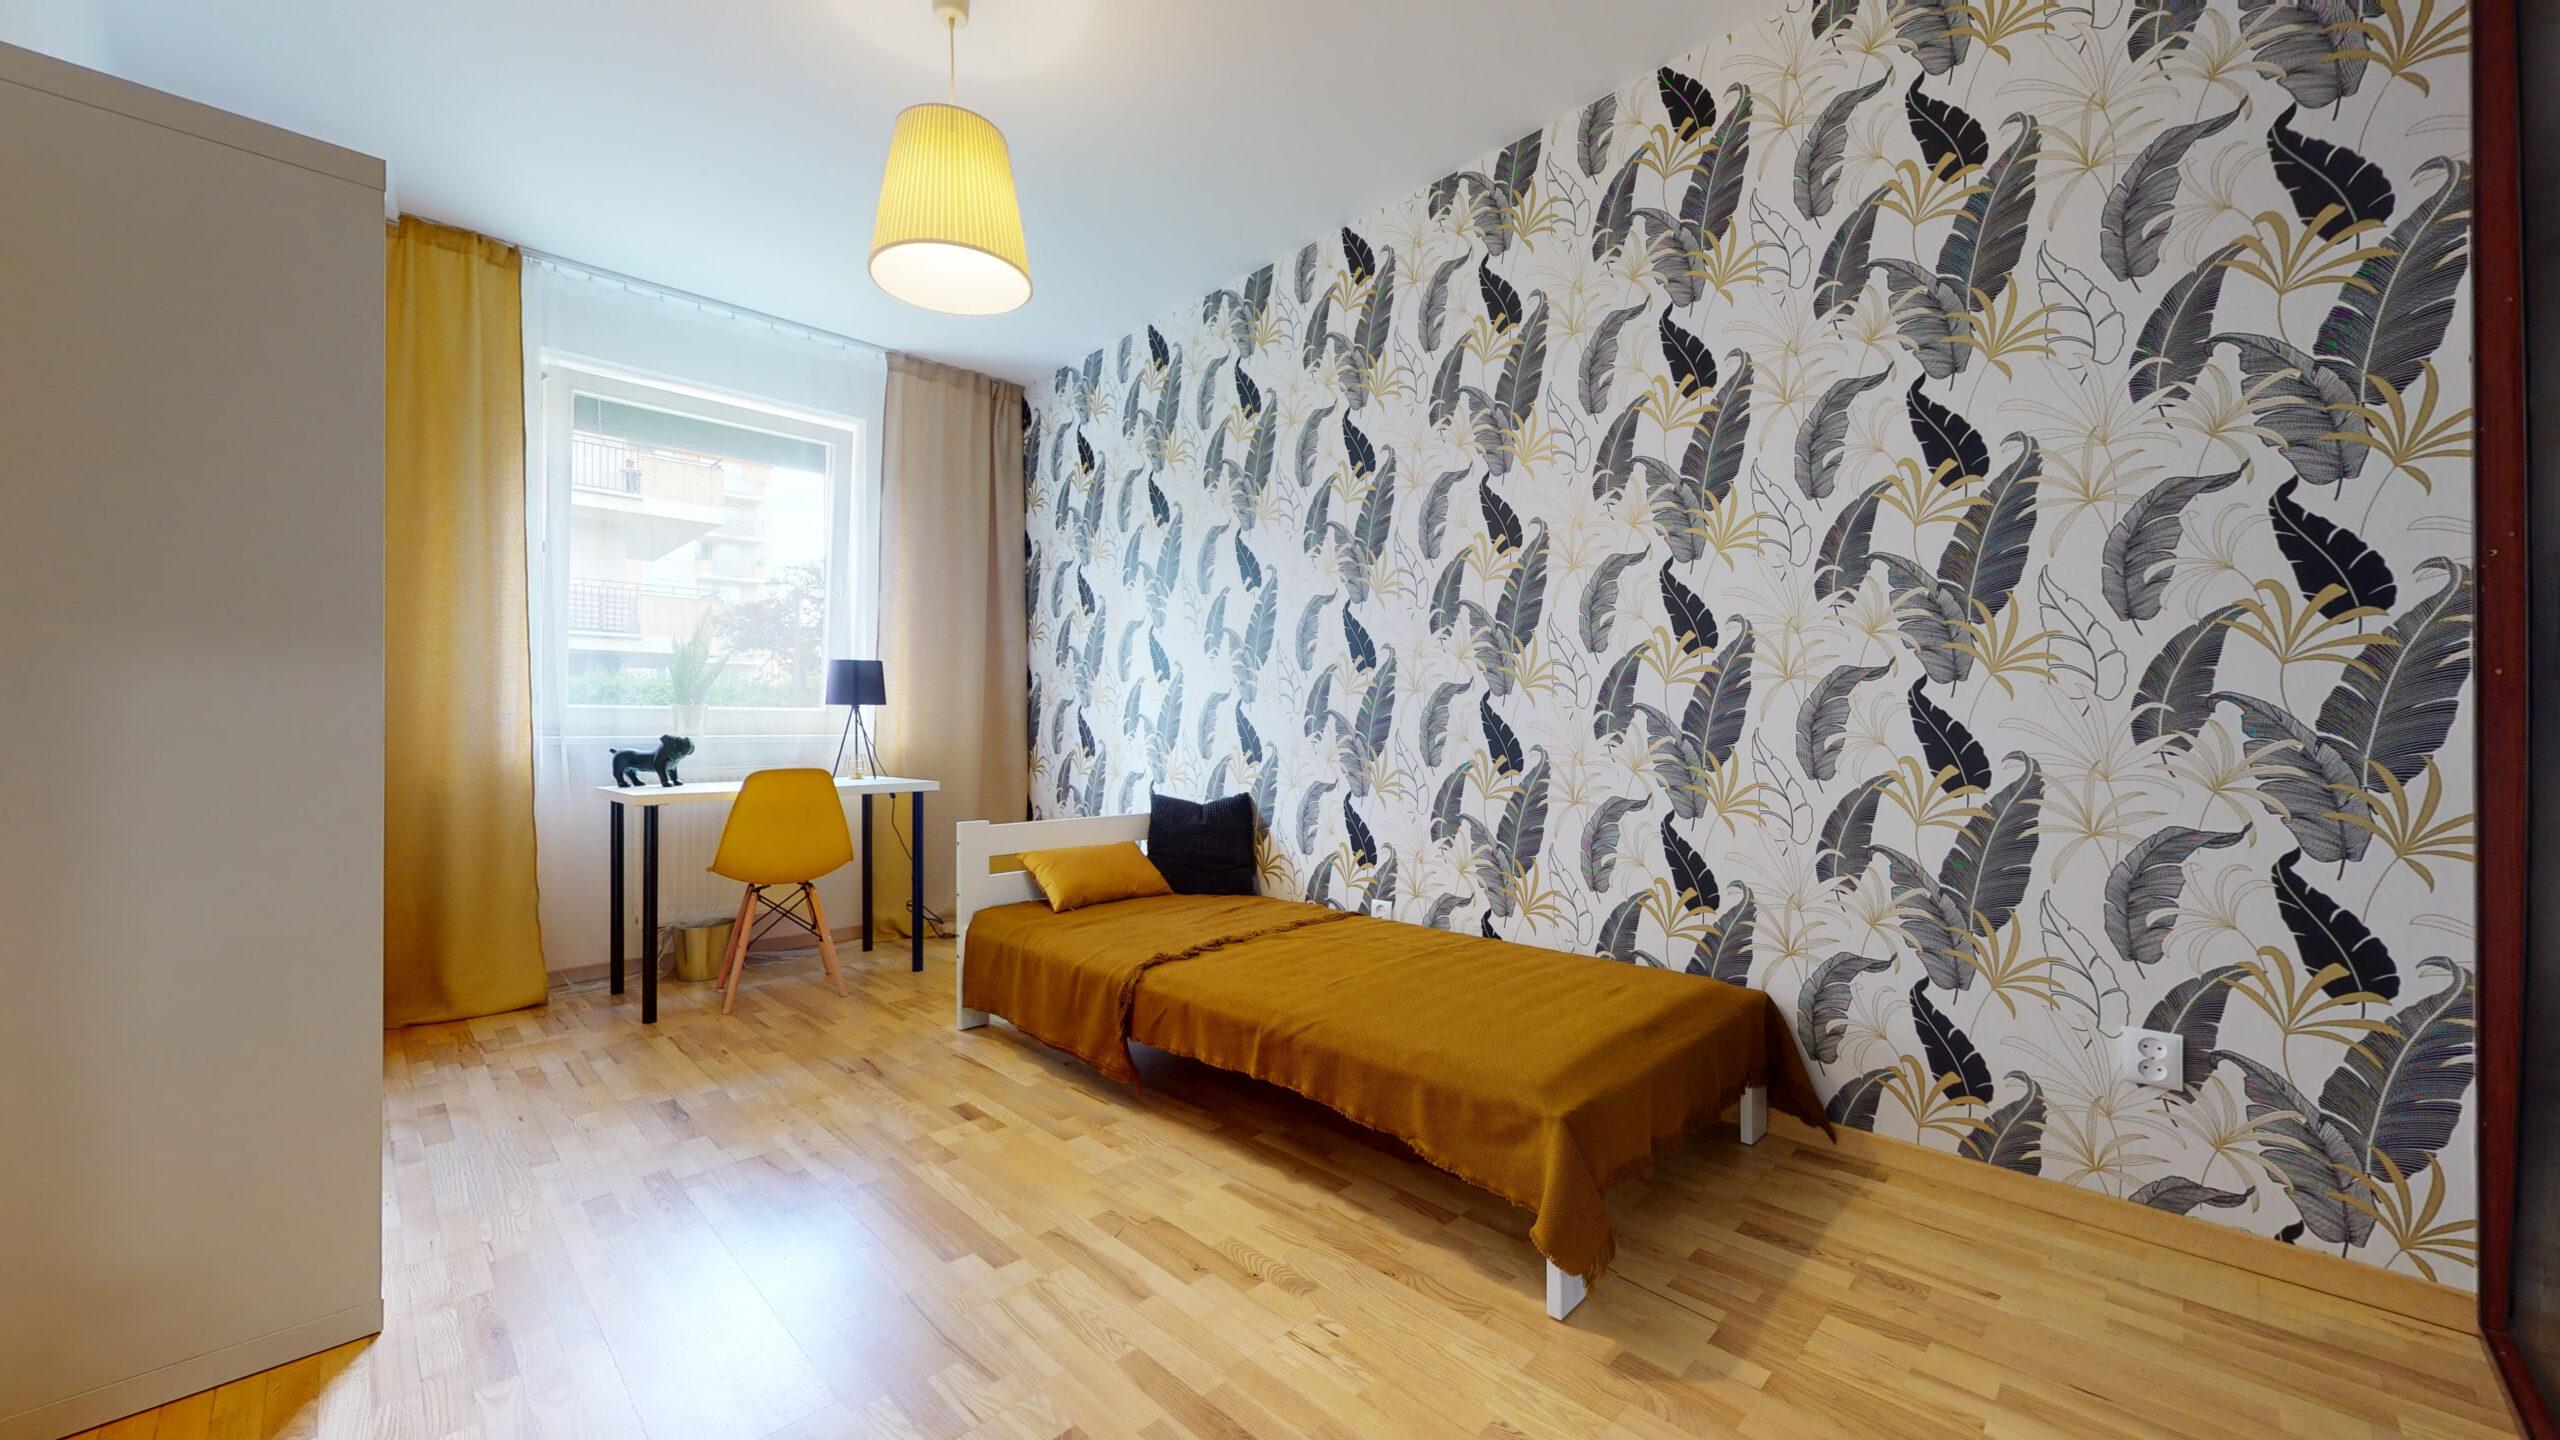 Mieszkanie w dzielnicy Warszawa Ursus po usłudze Home Staging